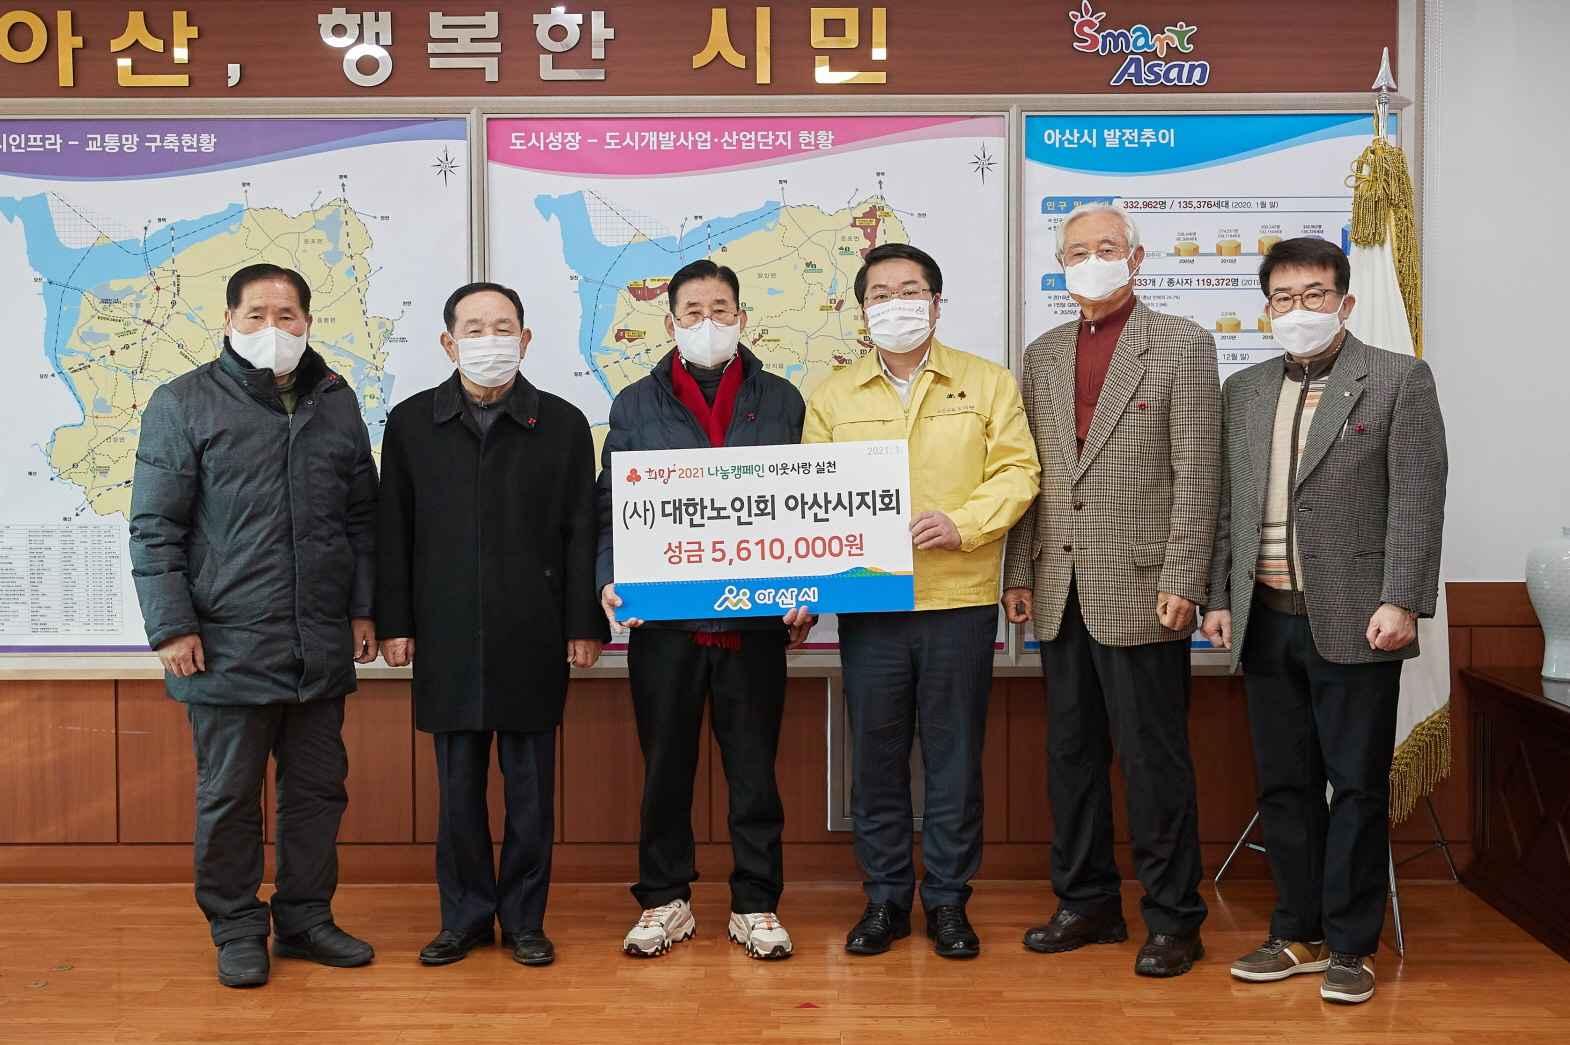 대한노인회 아산시지부, 아산시에 성금 561만원 기부  관련사진